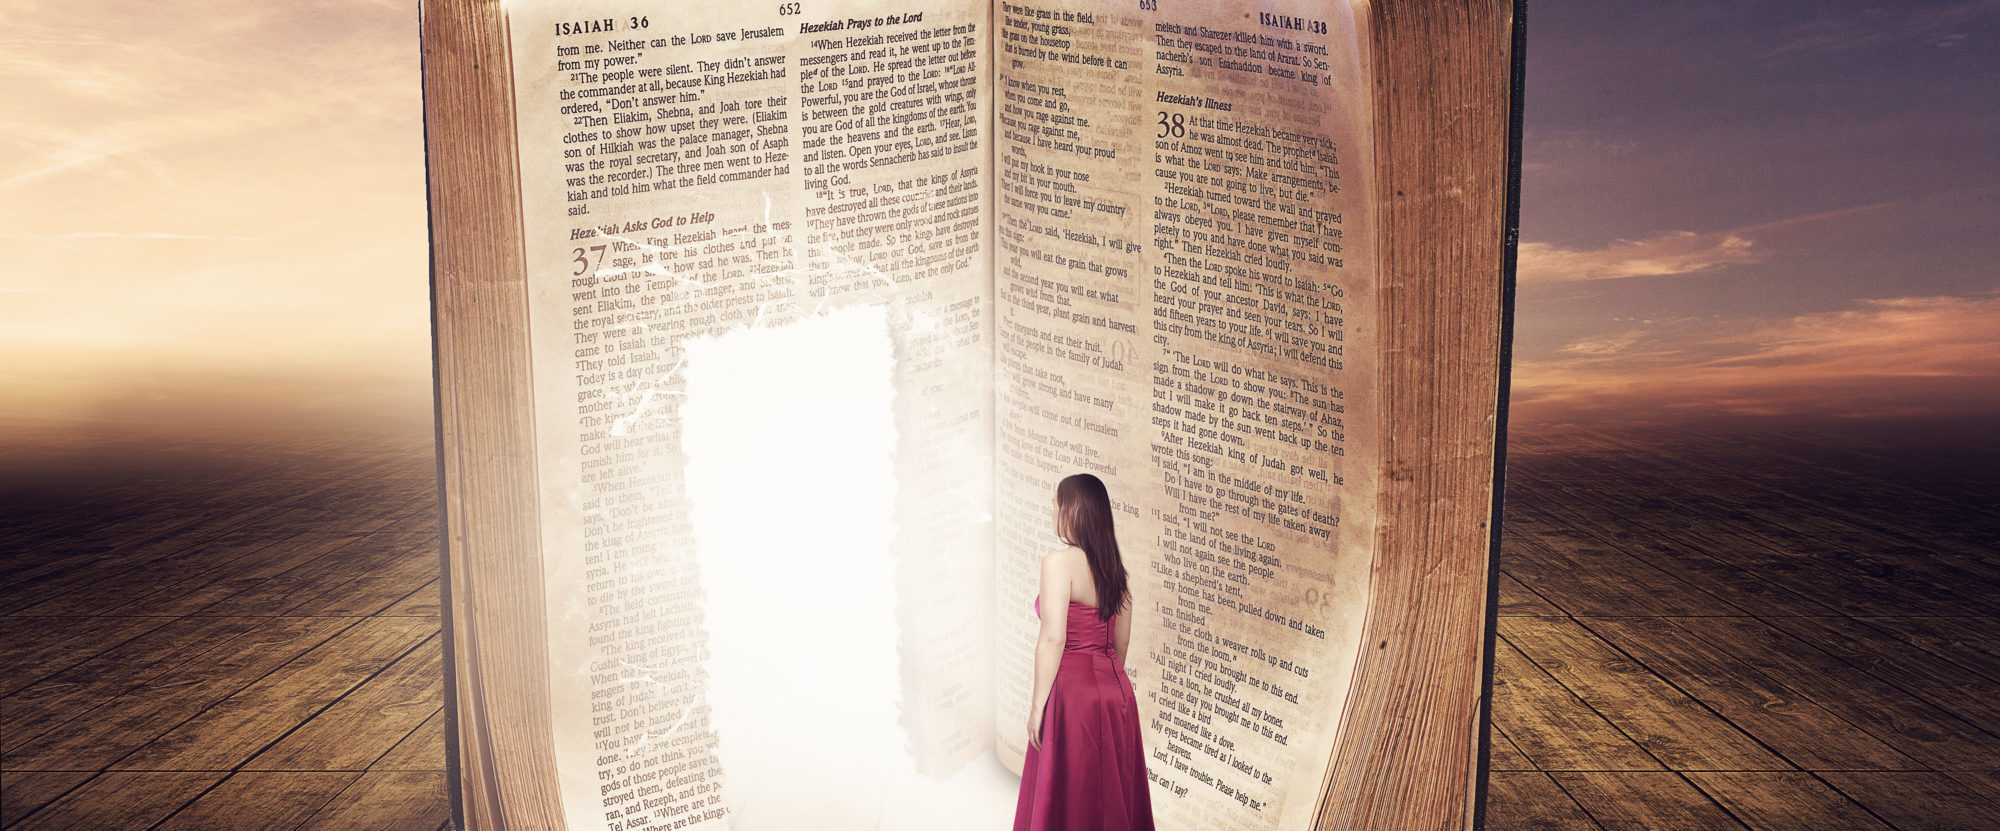 Induktiivinen Raamatun tutkiminen<br> - väylä syvempään Raamatun ymmärtämiseen